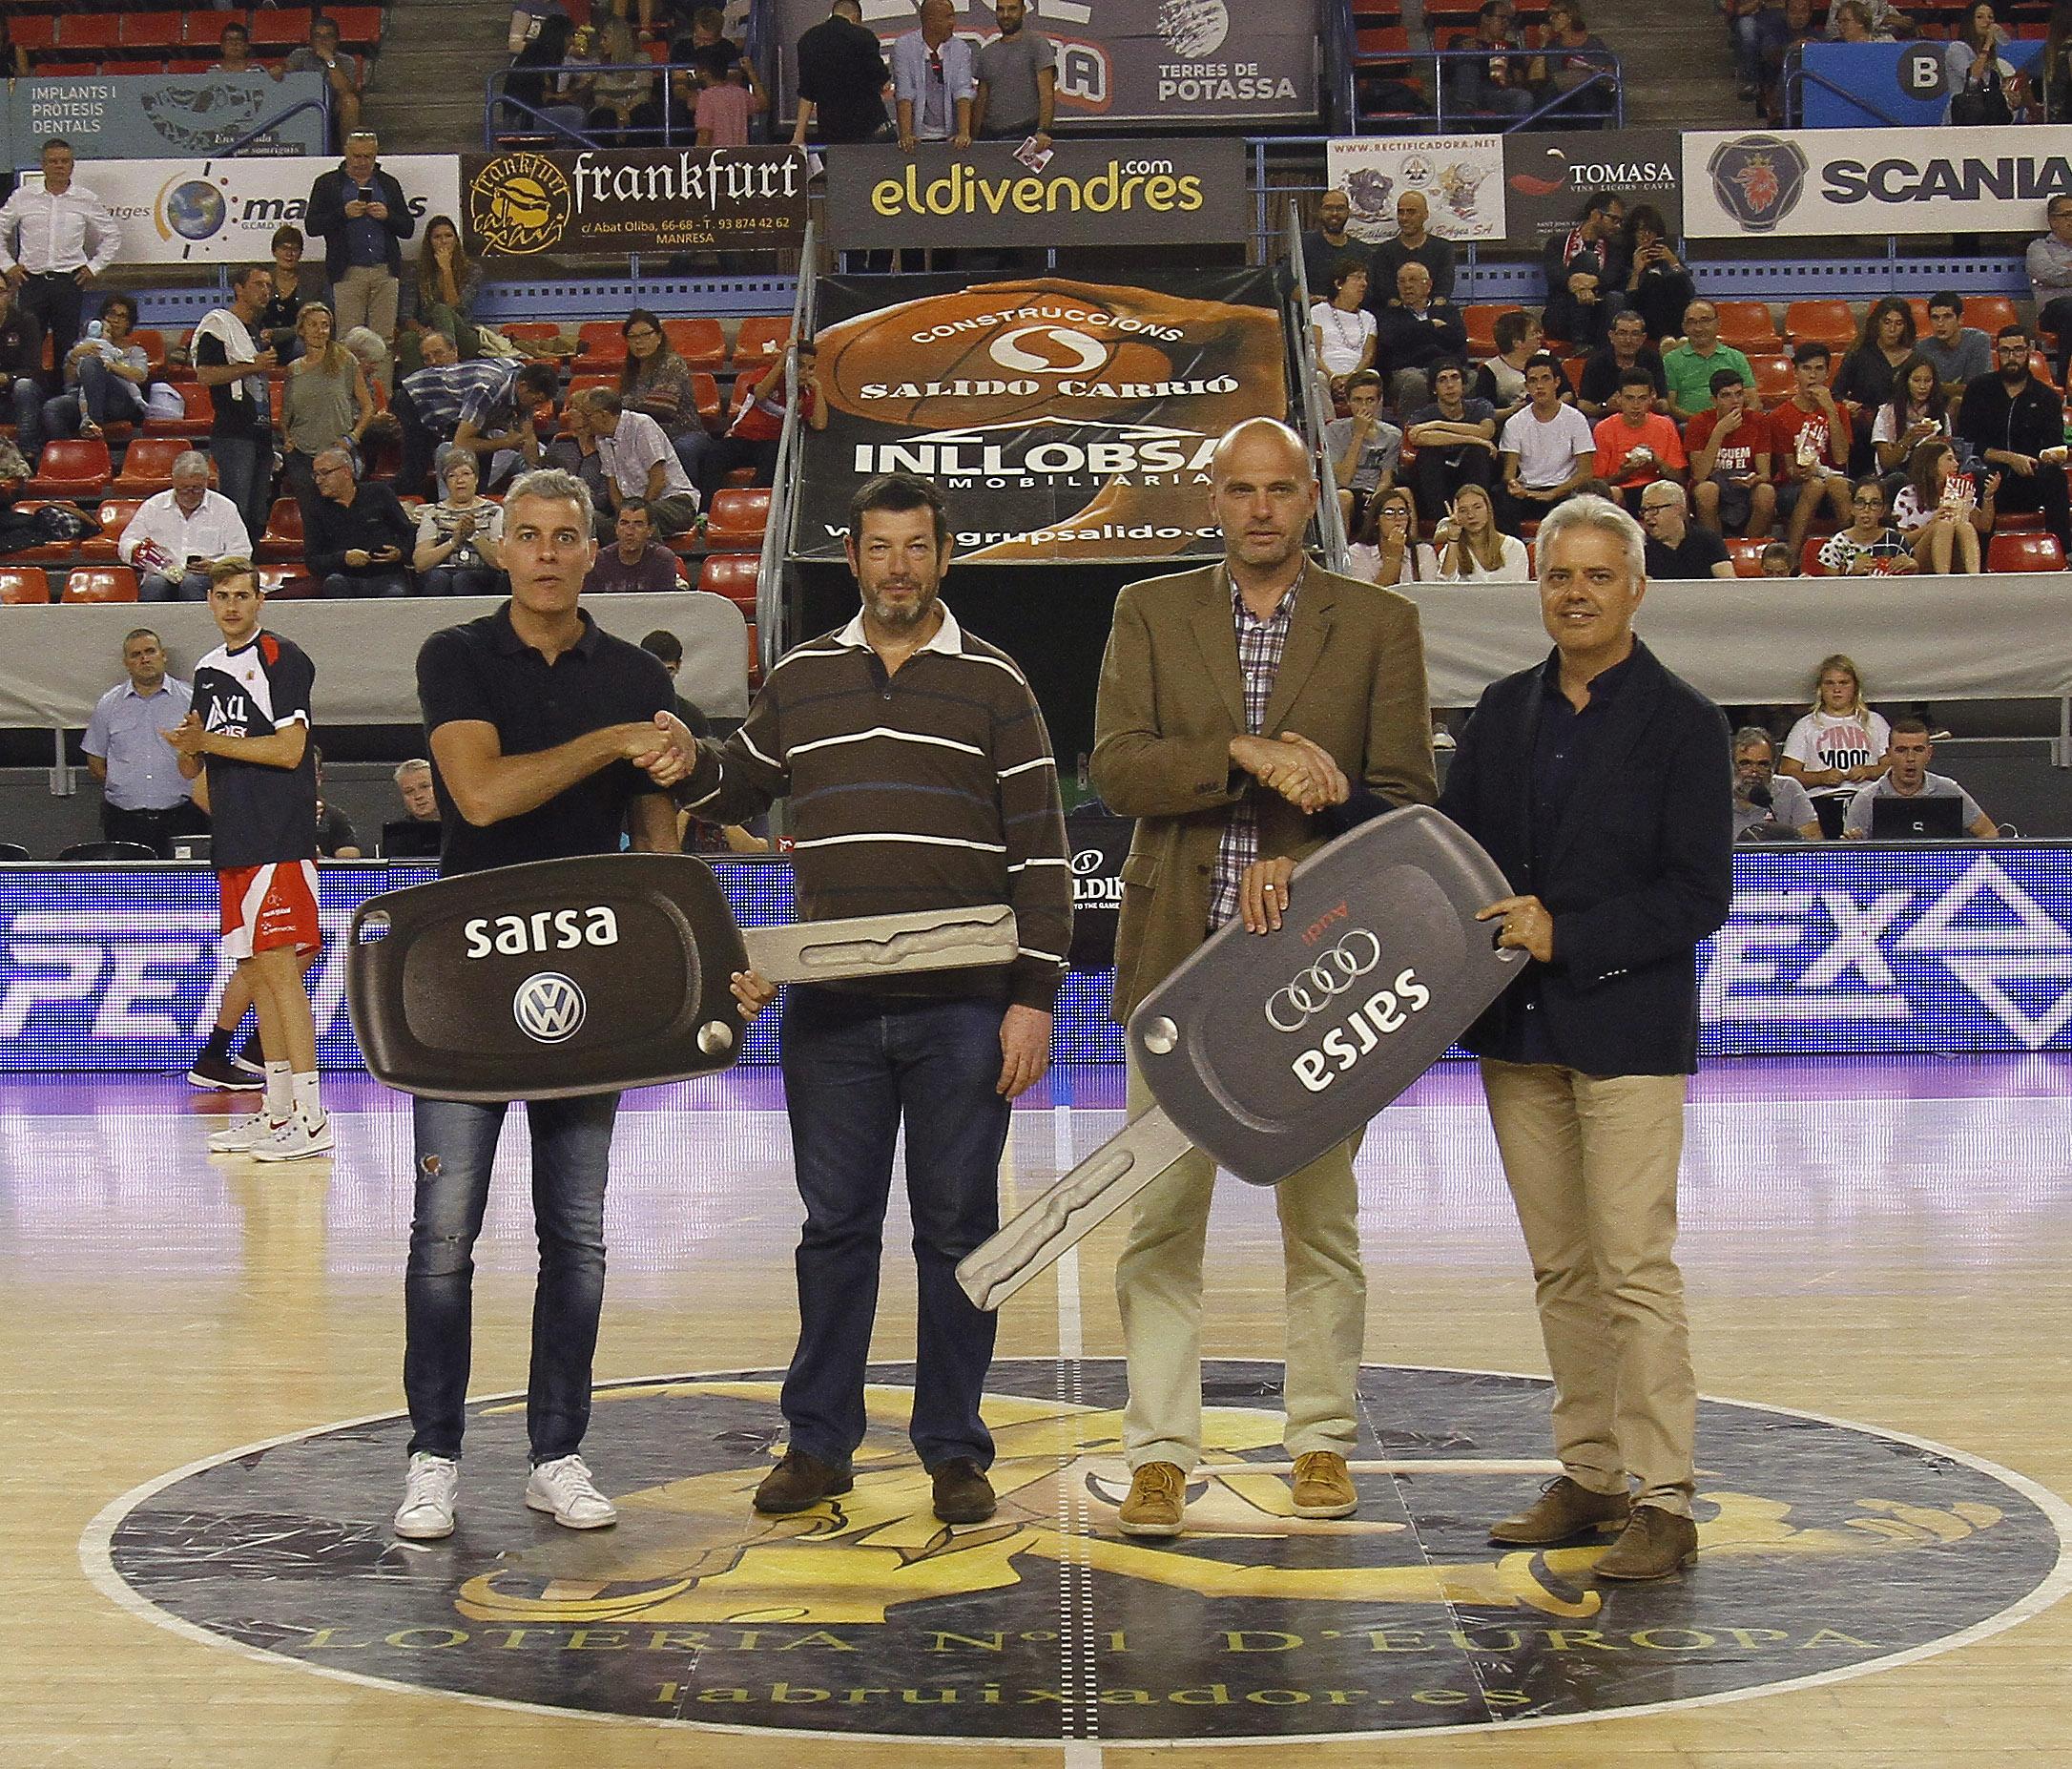 Presentación basquet manresa - sarsa